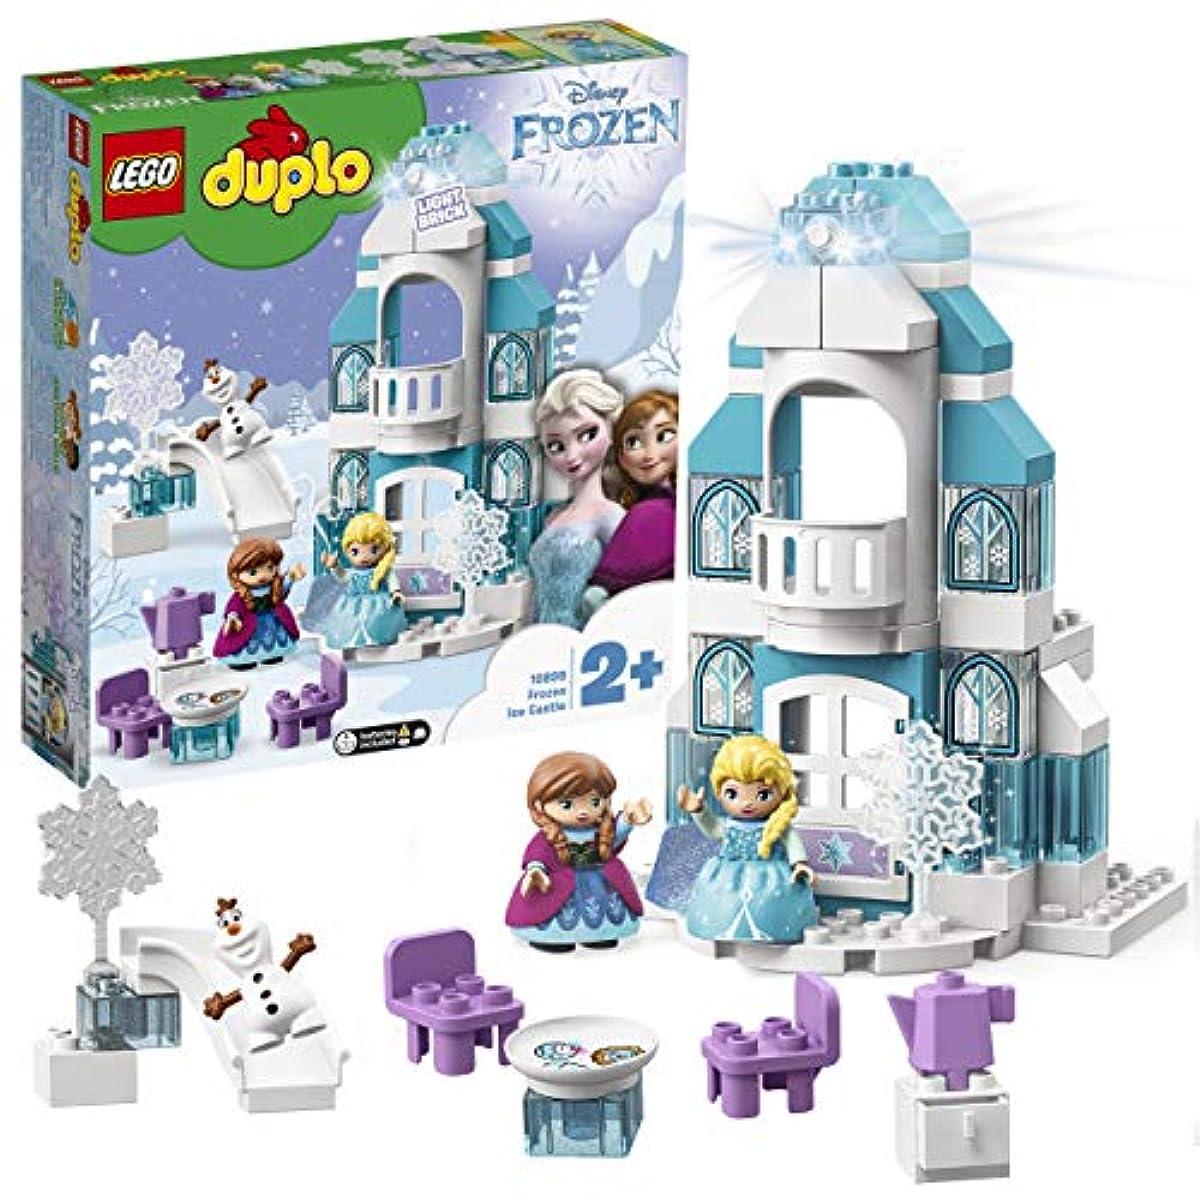 [해외] 레고(LEGO) 듀플로 겨울왕국 빛난! 엘사의 아이스 캐슬 10899